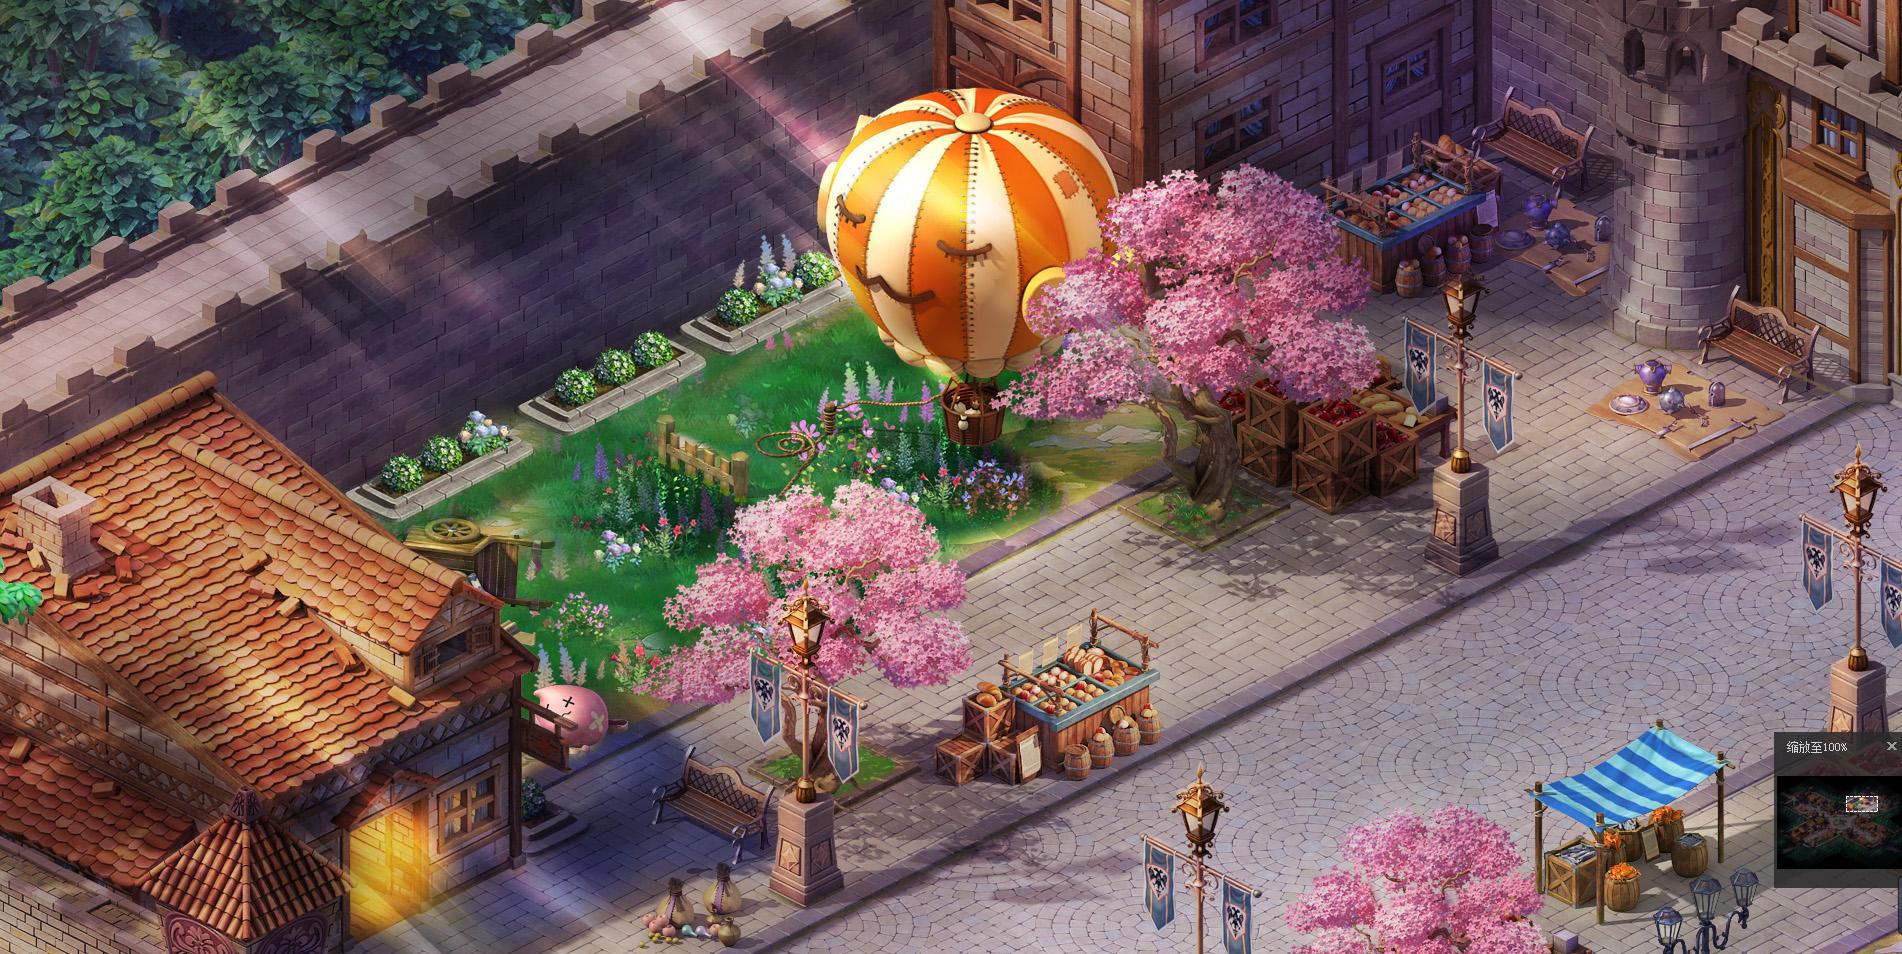 《仙境物语之进击的波利》游戏截图